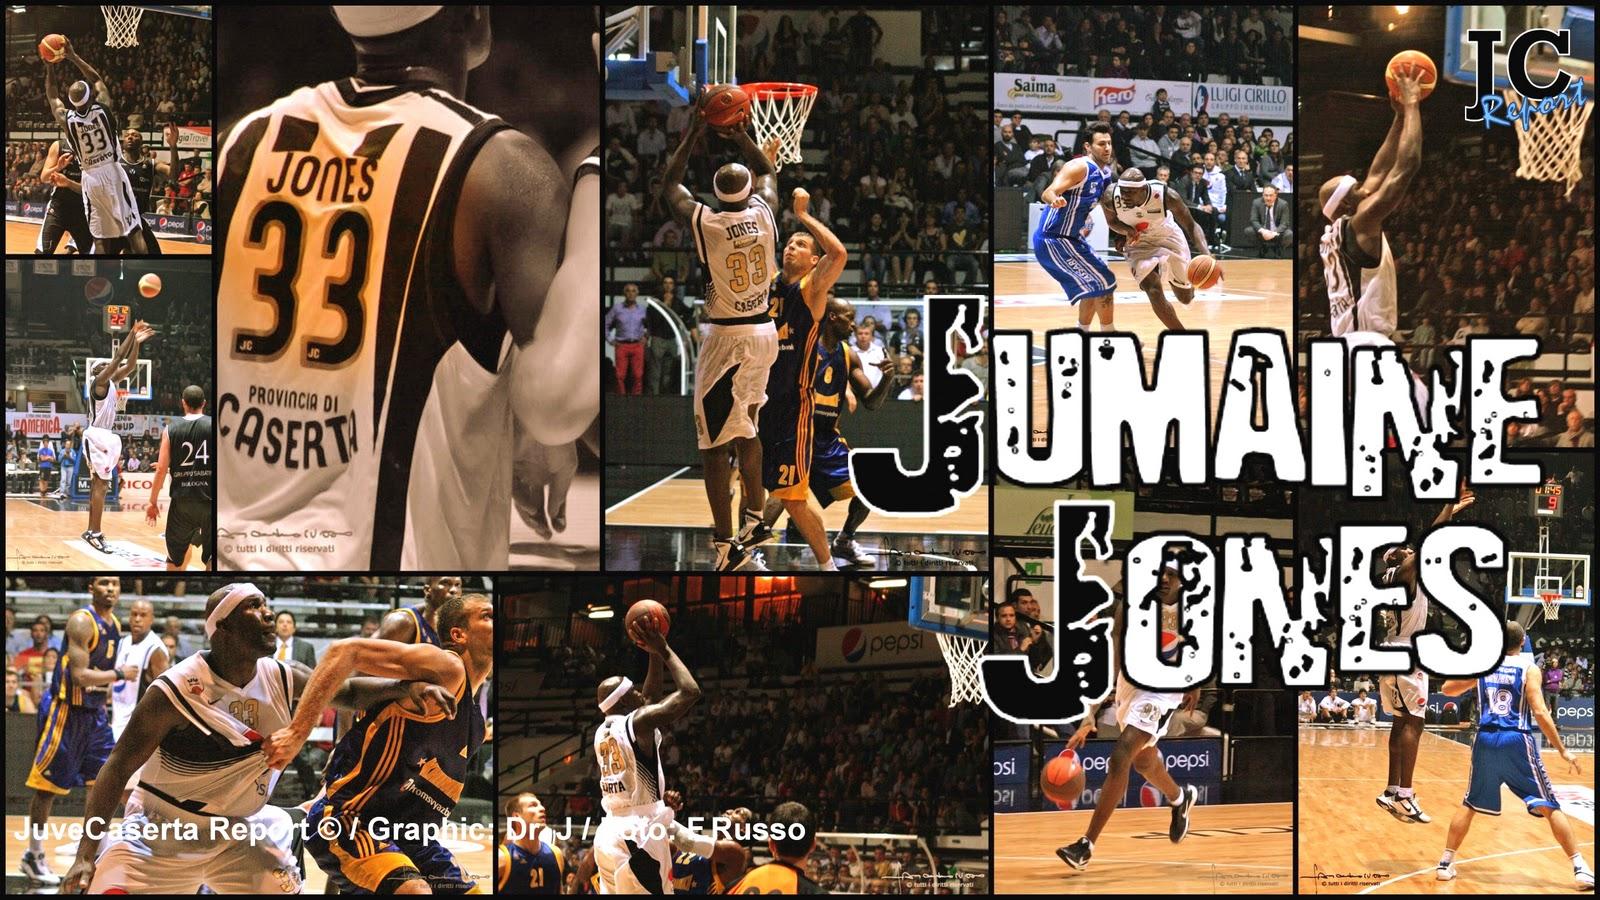 http://2.bp.blogspot.com/_ne-R6xTl02g/TU2b_vgxkhI/AAAAAAAAAHw/peGAKgIC-lw/s1600/Wallpaper+Jumaine+Jones.jpg